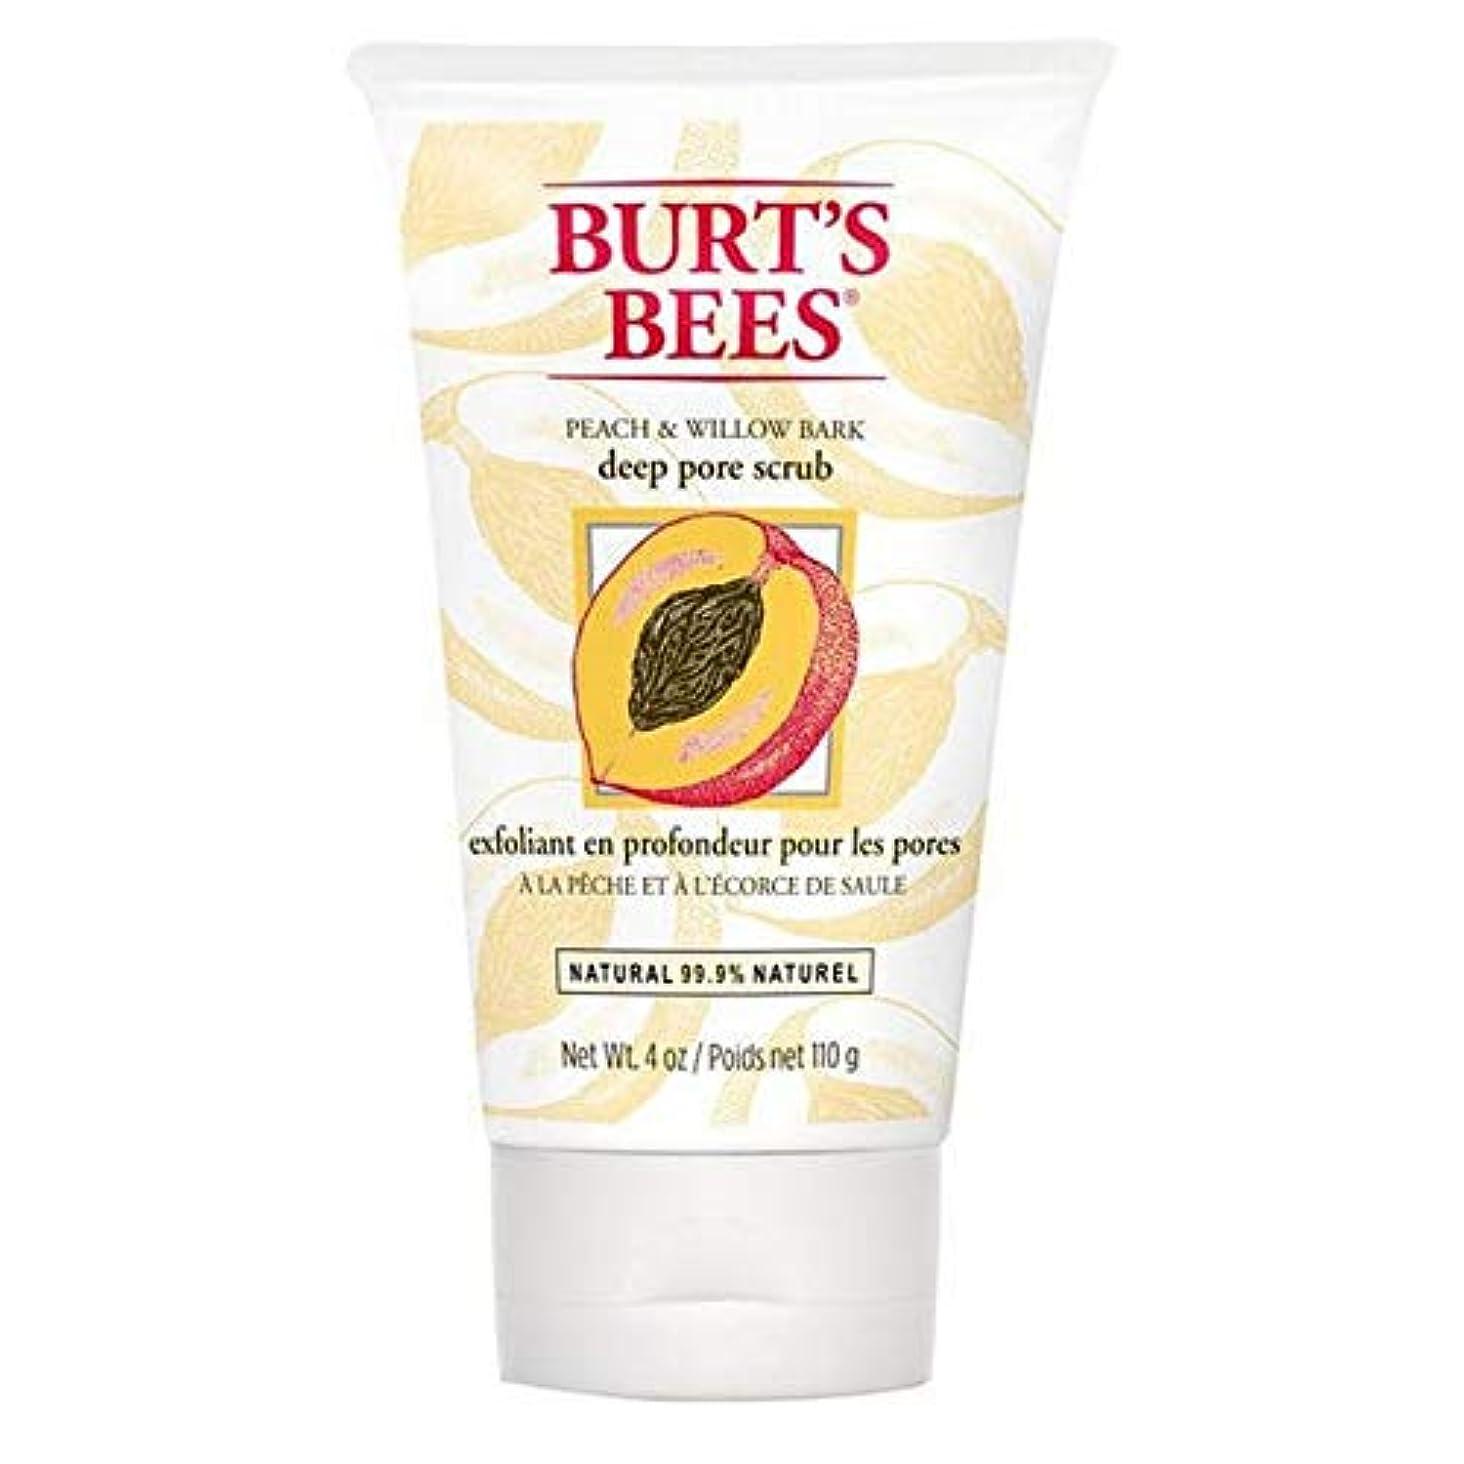 芝生国内の言語[Burt's Bees] バーツビーの桃とWillowbark深いポアスクラブ110グラム - Burt's Bees Peach and Willowbark Deep Pore Scrub 110g [並行輸入品]